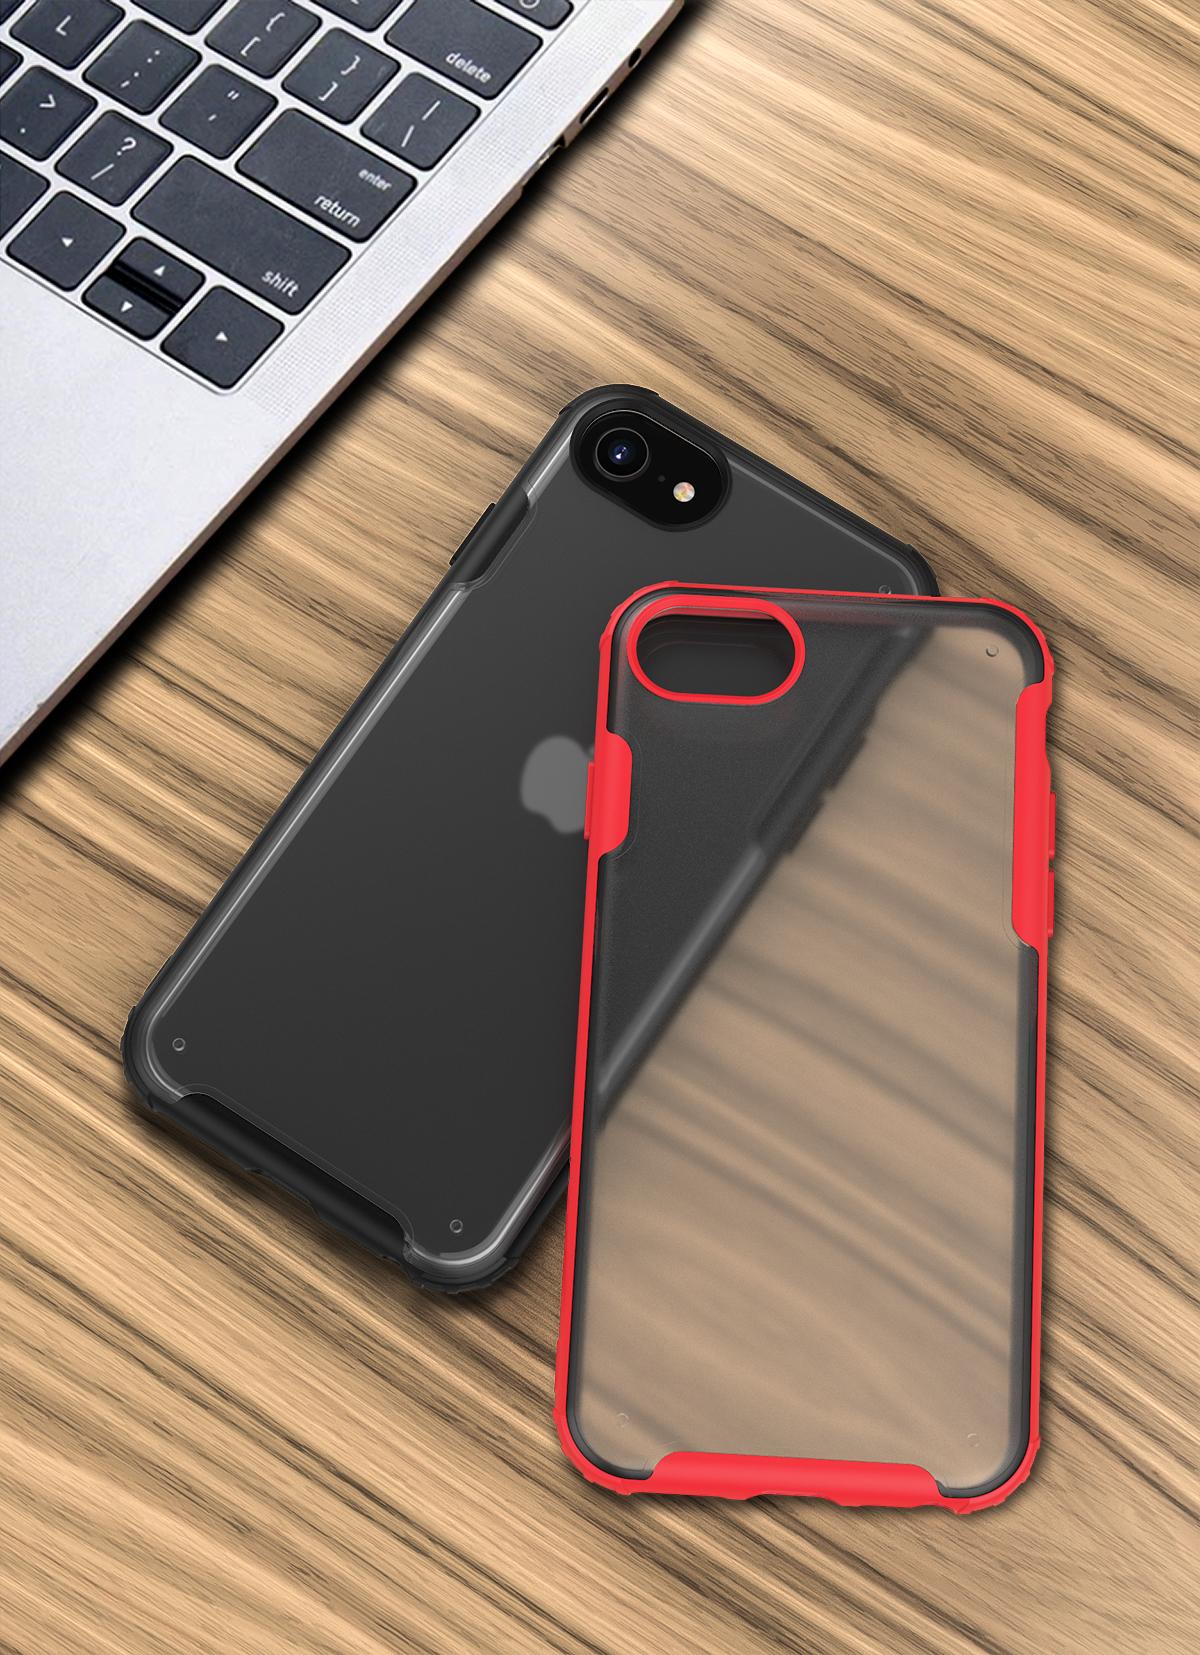 Противоударный чехол на iPhone SE (2020), 7 и 8 с красными рамками, серии Ultra Hybrid от Caseport